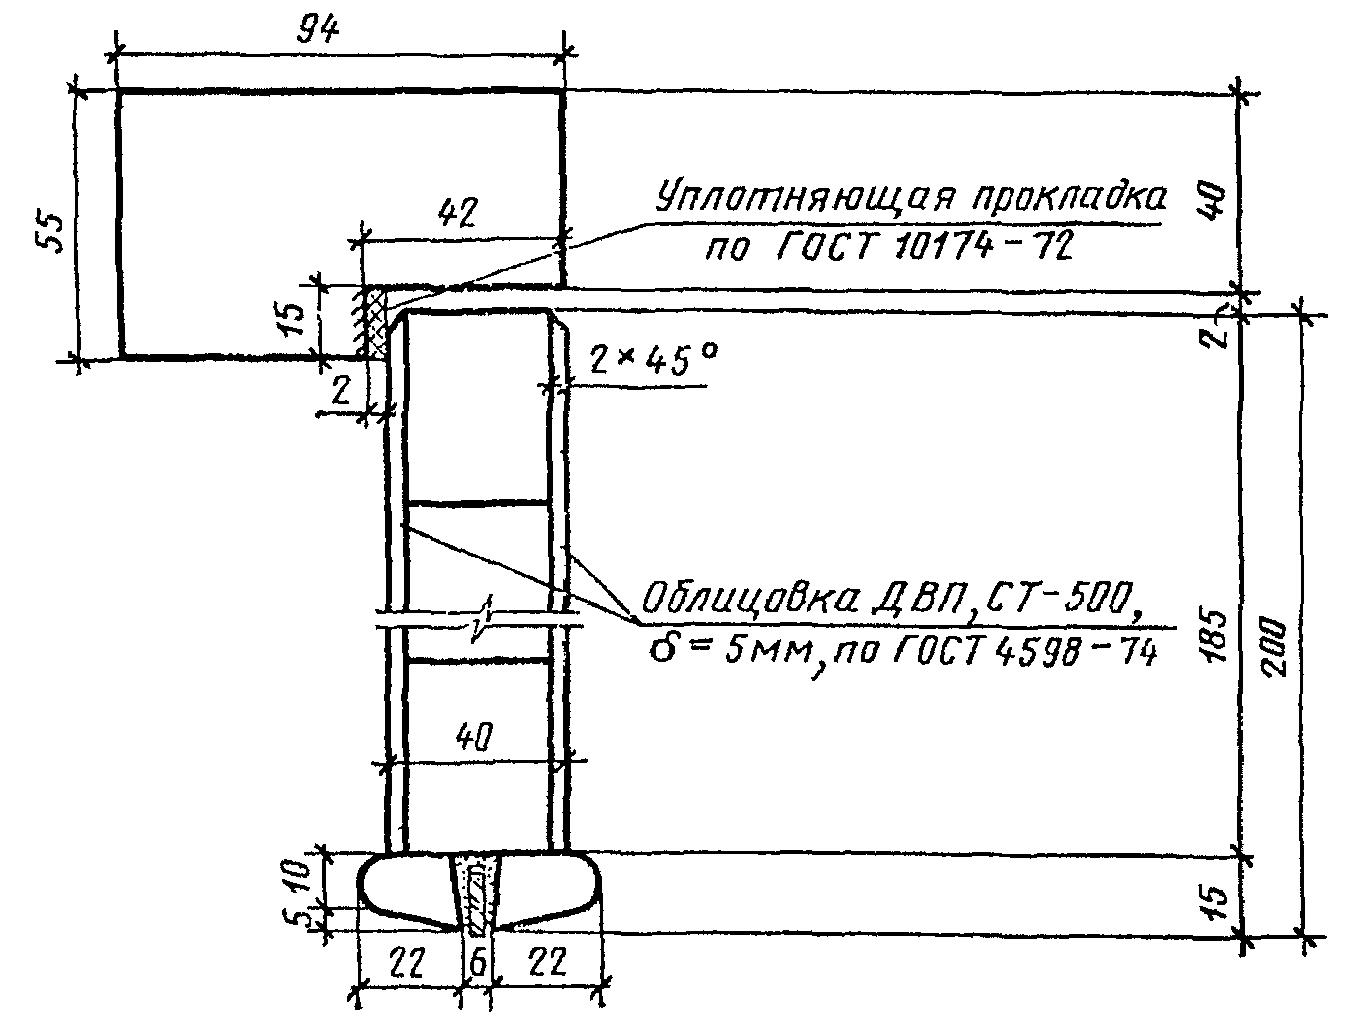 справочник базовых цен на проектные работы для строительства магистральные газопроводы